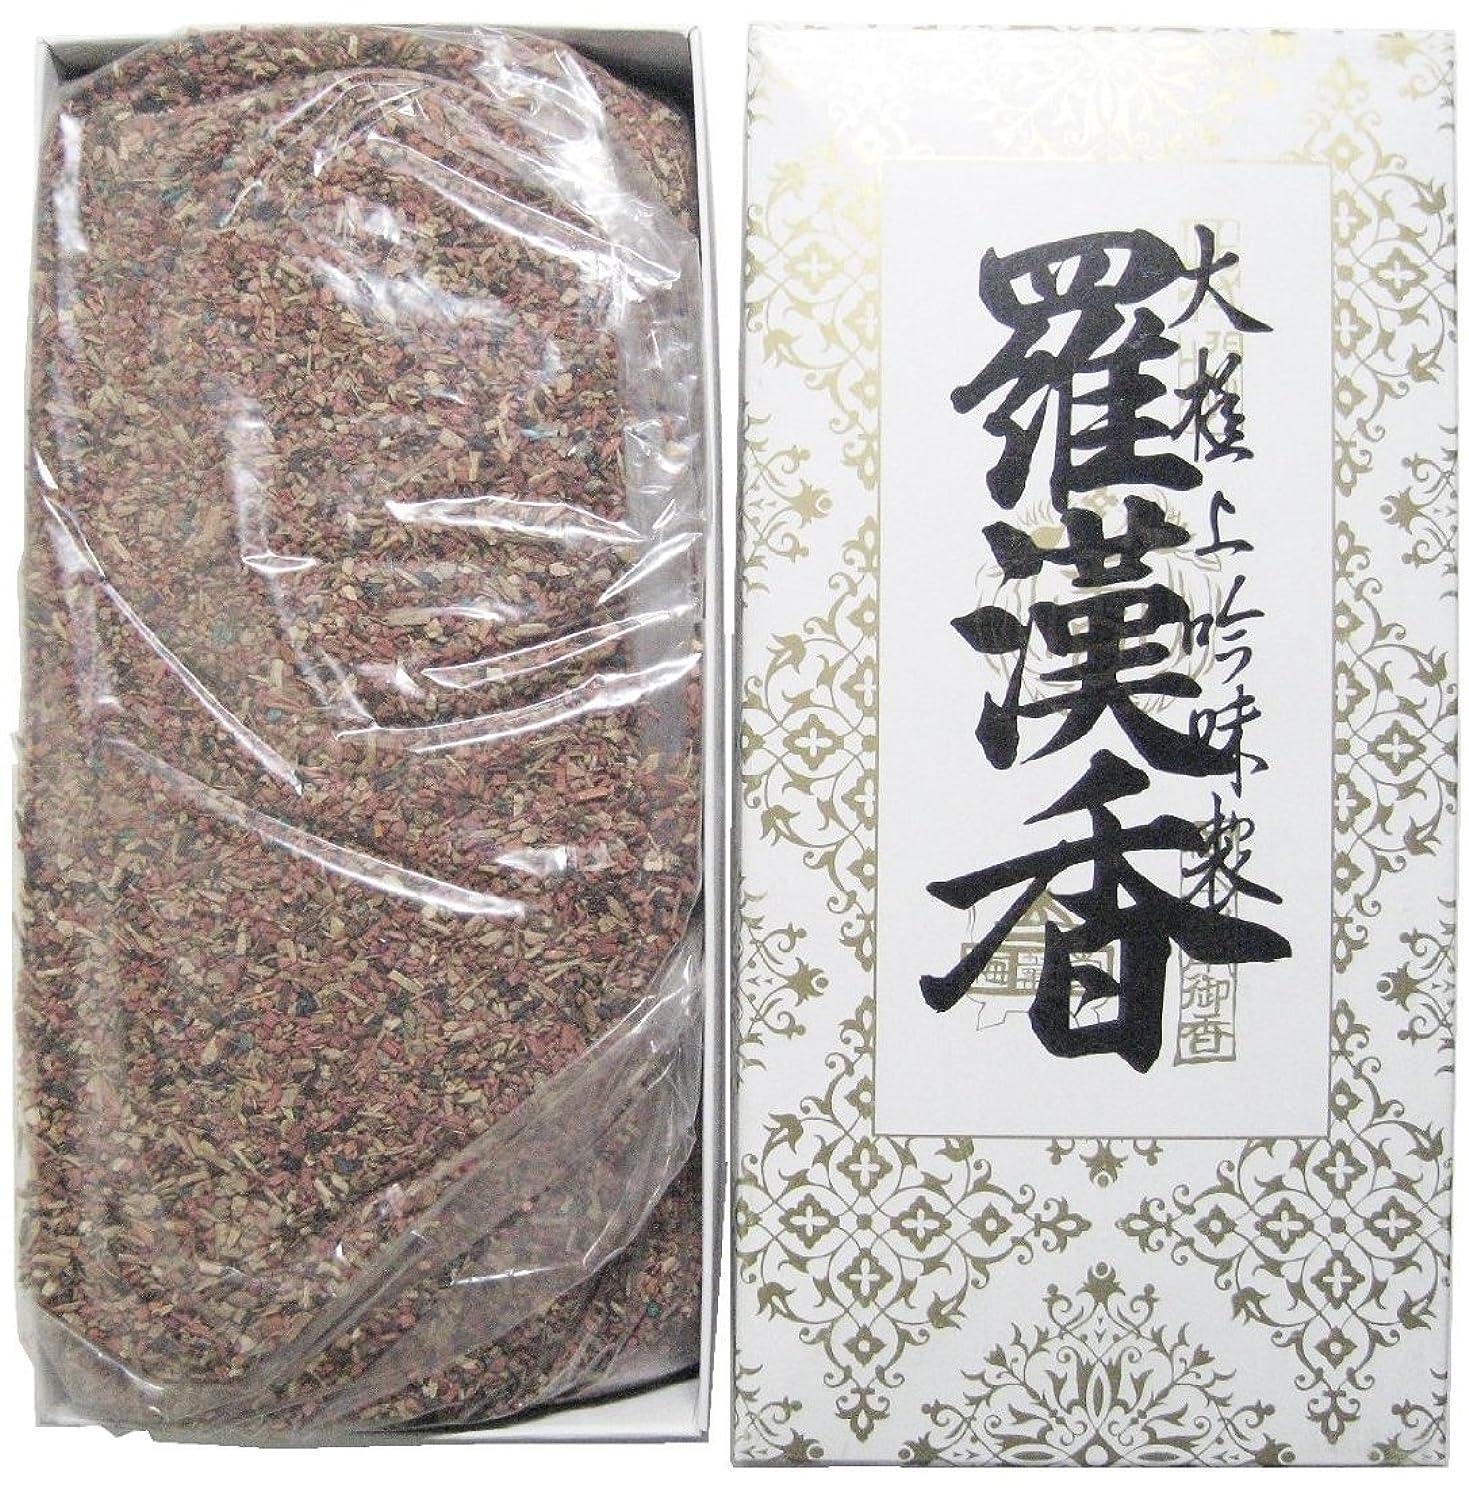 ポーン煙突クマノミ淡路梅薫堂のお香 羅漢香 500g #905